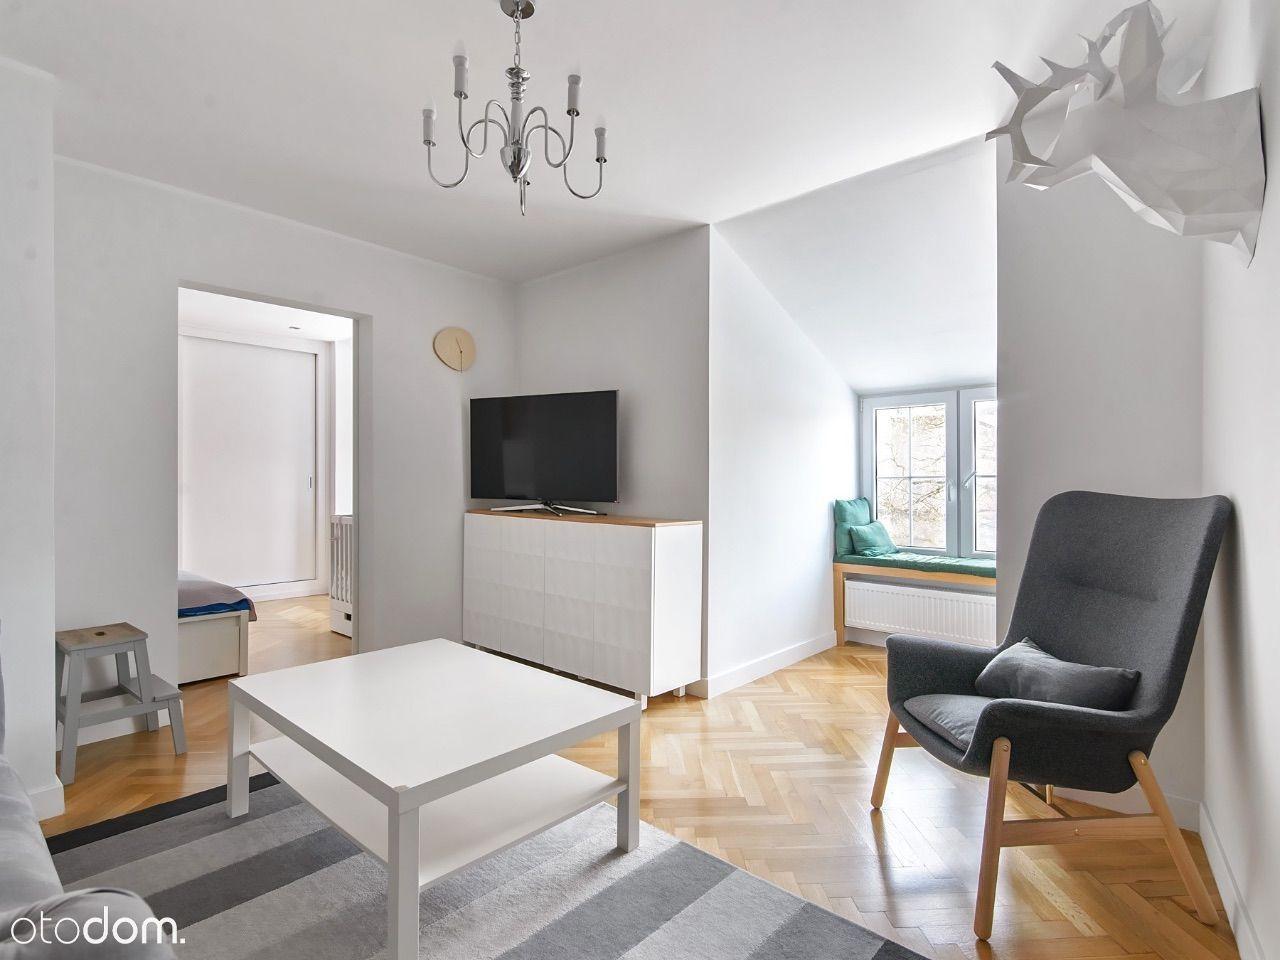 Mieszkanie Gdańsk Aniołki Dębinki Politechnika GUM